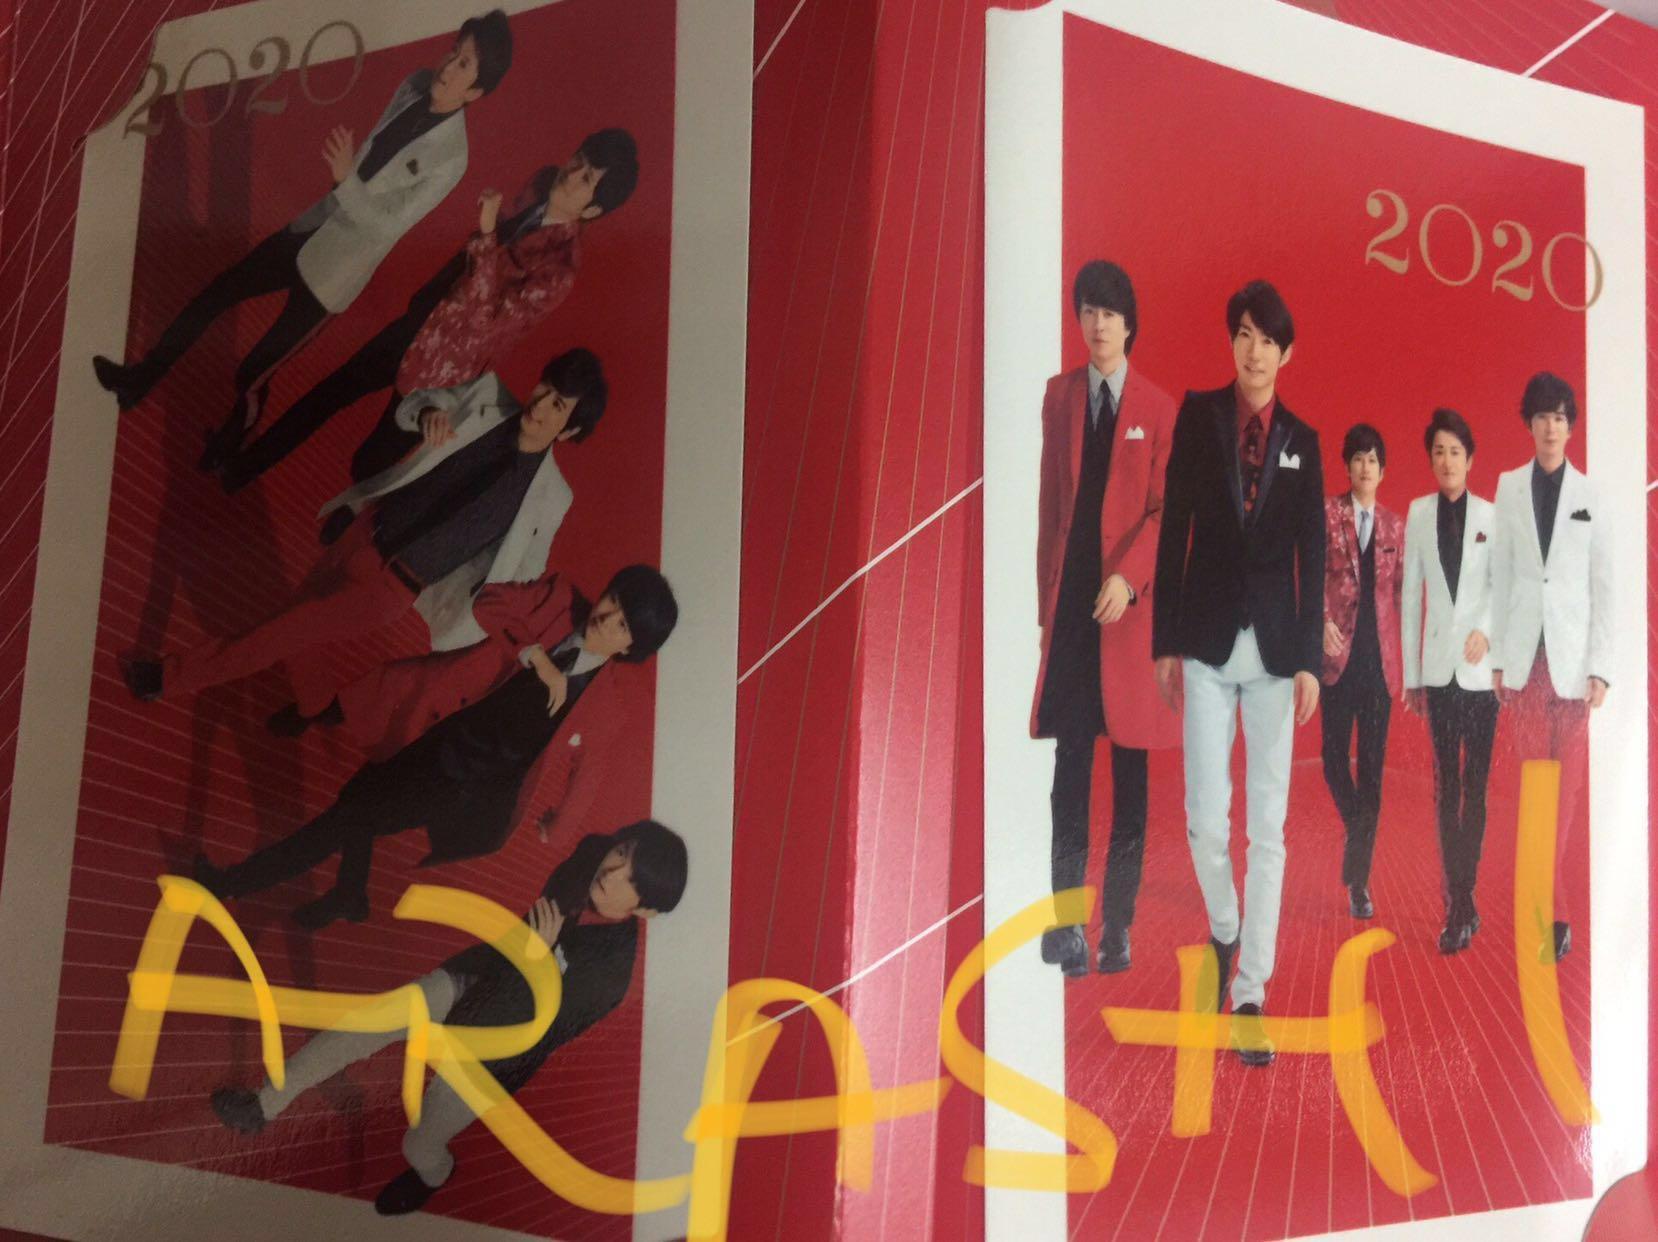 嵐 Arashi 年賀狀 2020